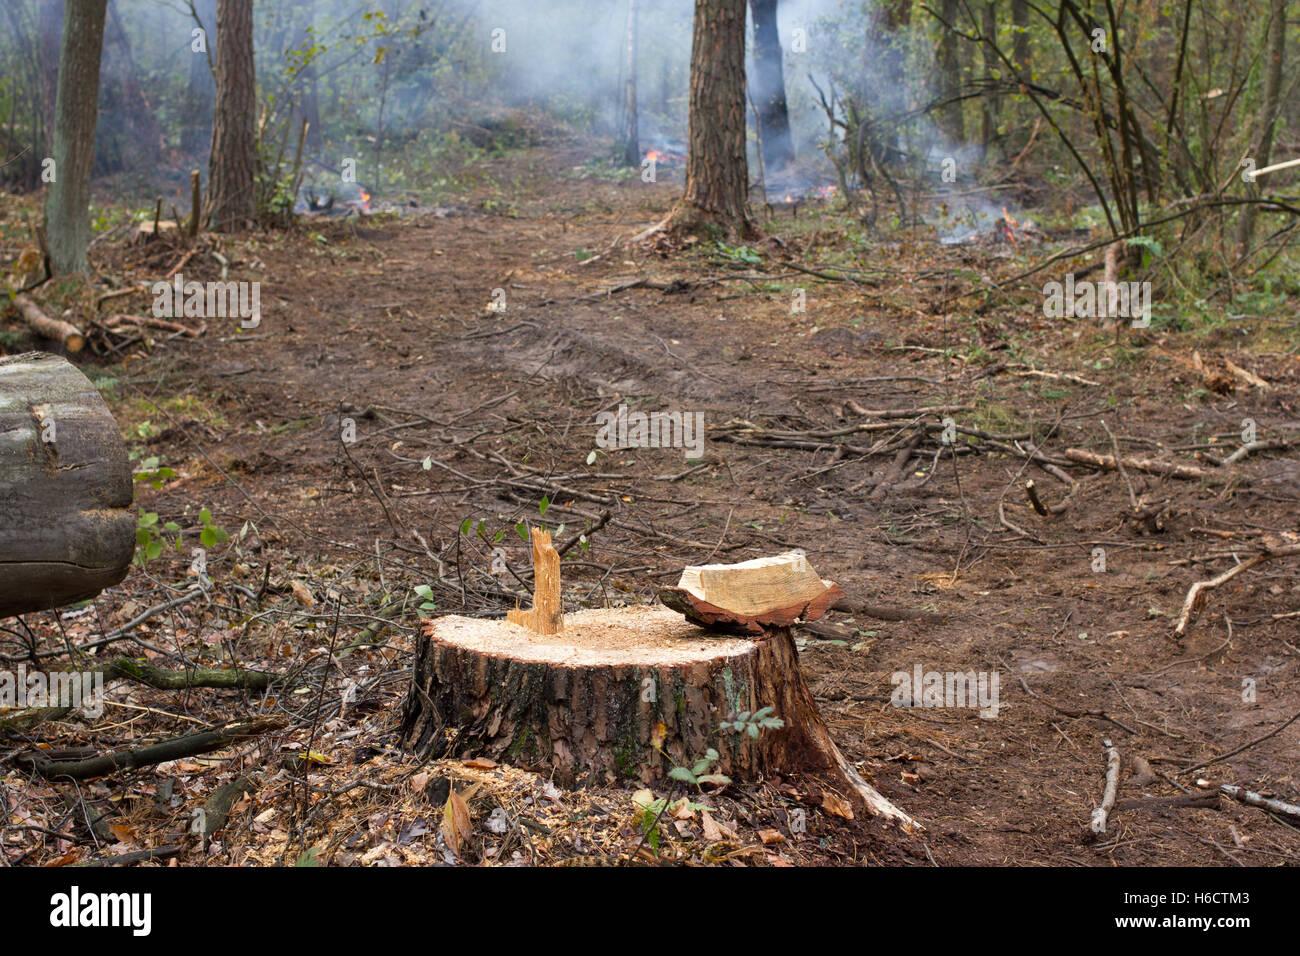 Tronco de pino, resultado de la tala de árboles. Deforestación Total, cortado el bosque Imagen De Stock